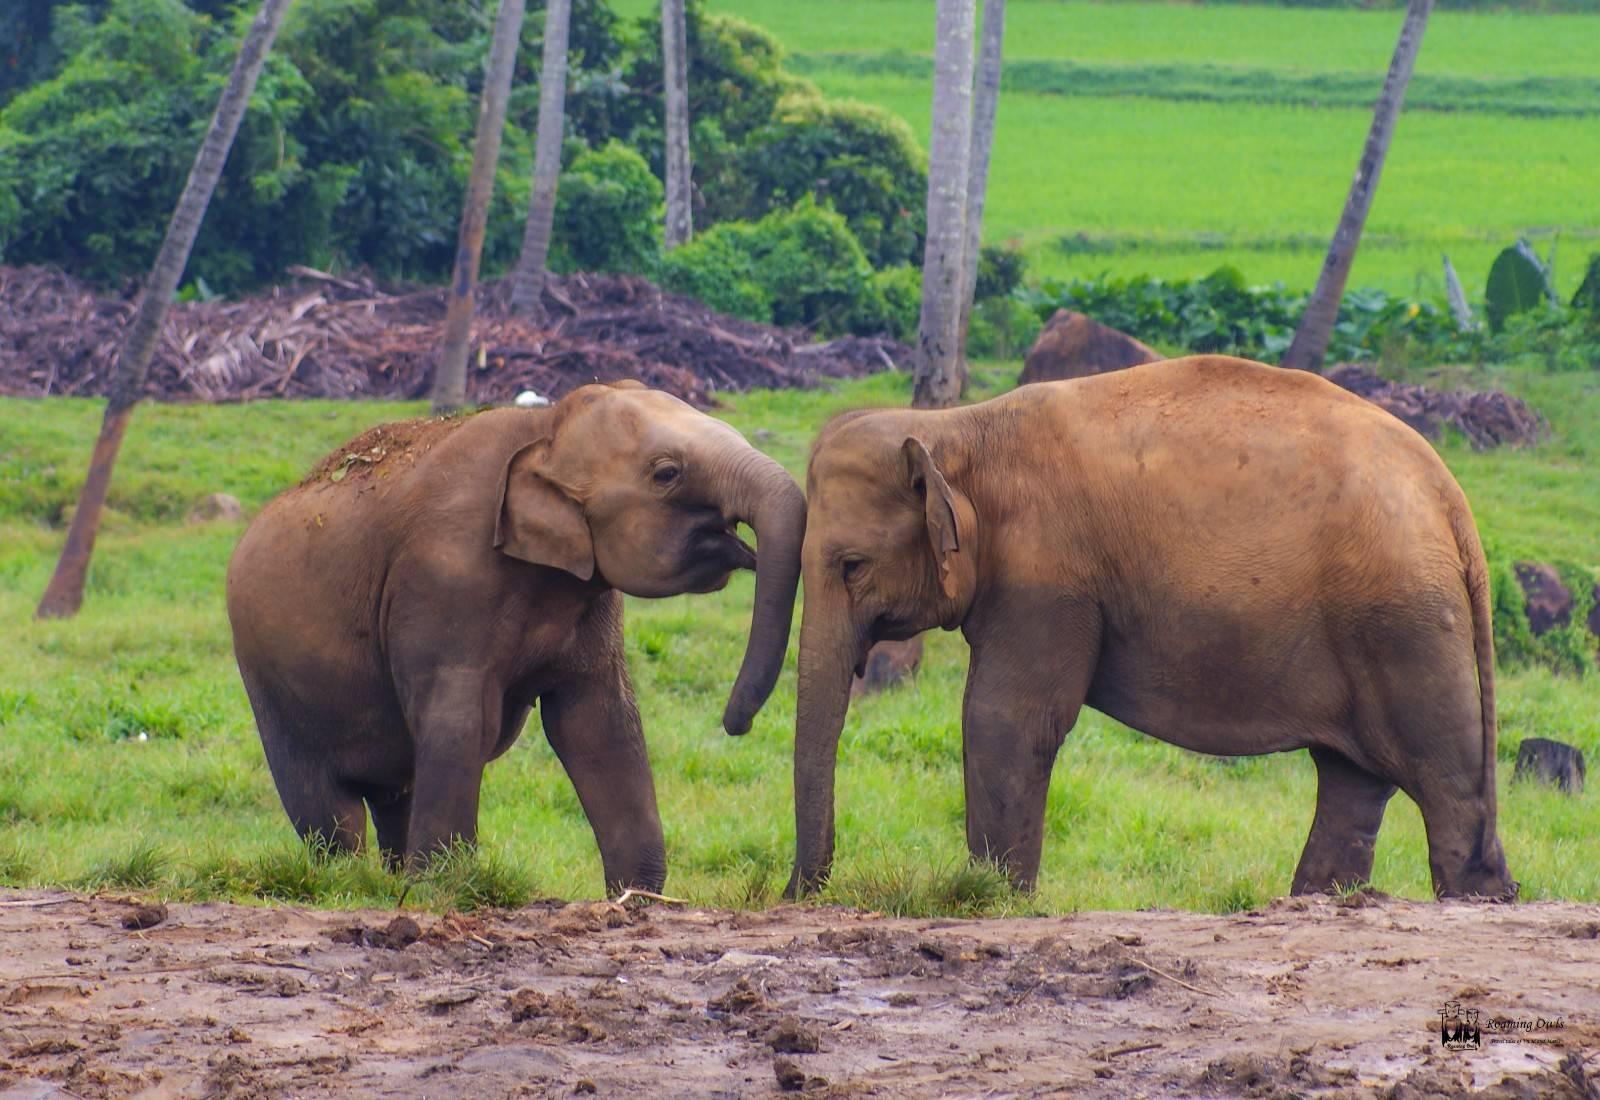 Pinnawala elephant orphanage, srilanka,rain,elephants